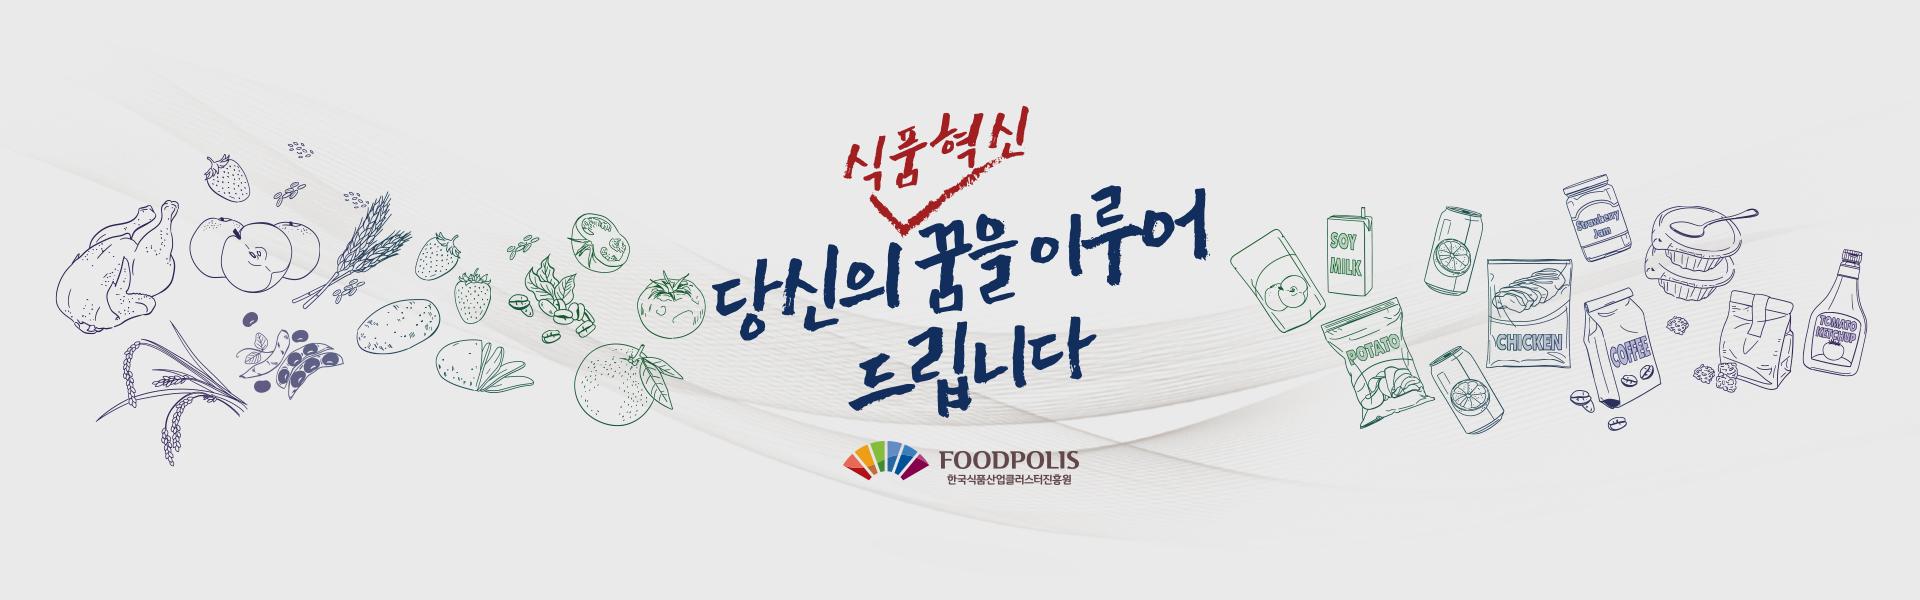 당신의 식품혁신 꿈을 이루어 드립니다.